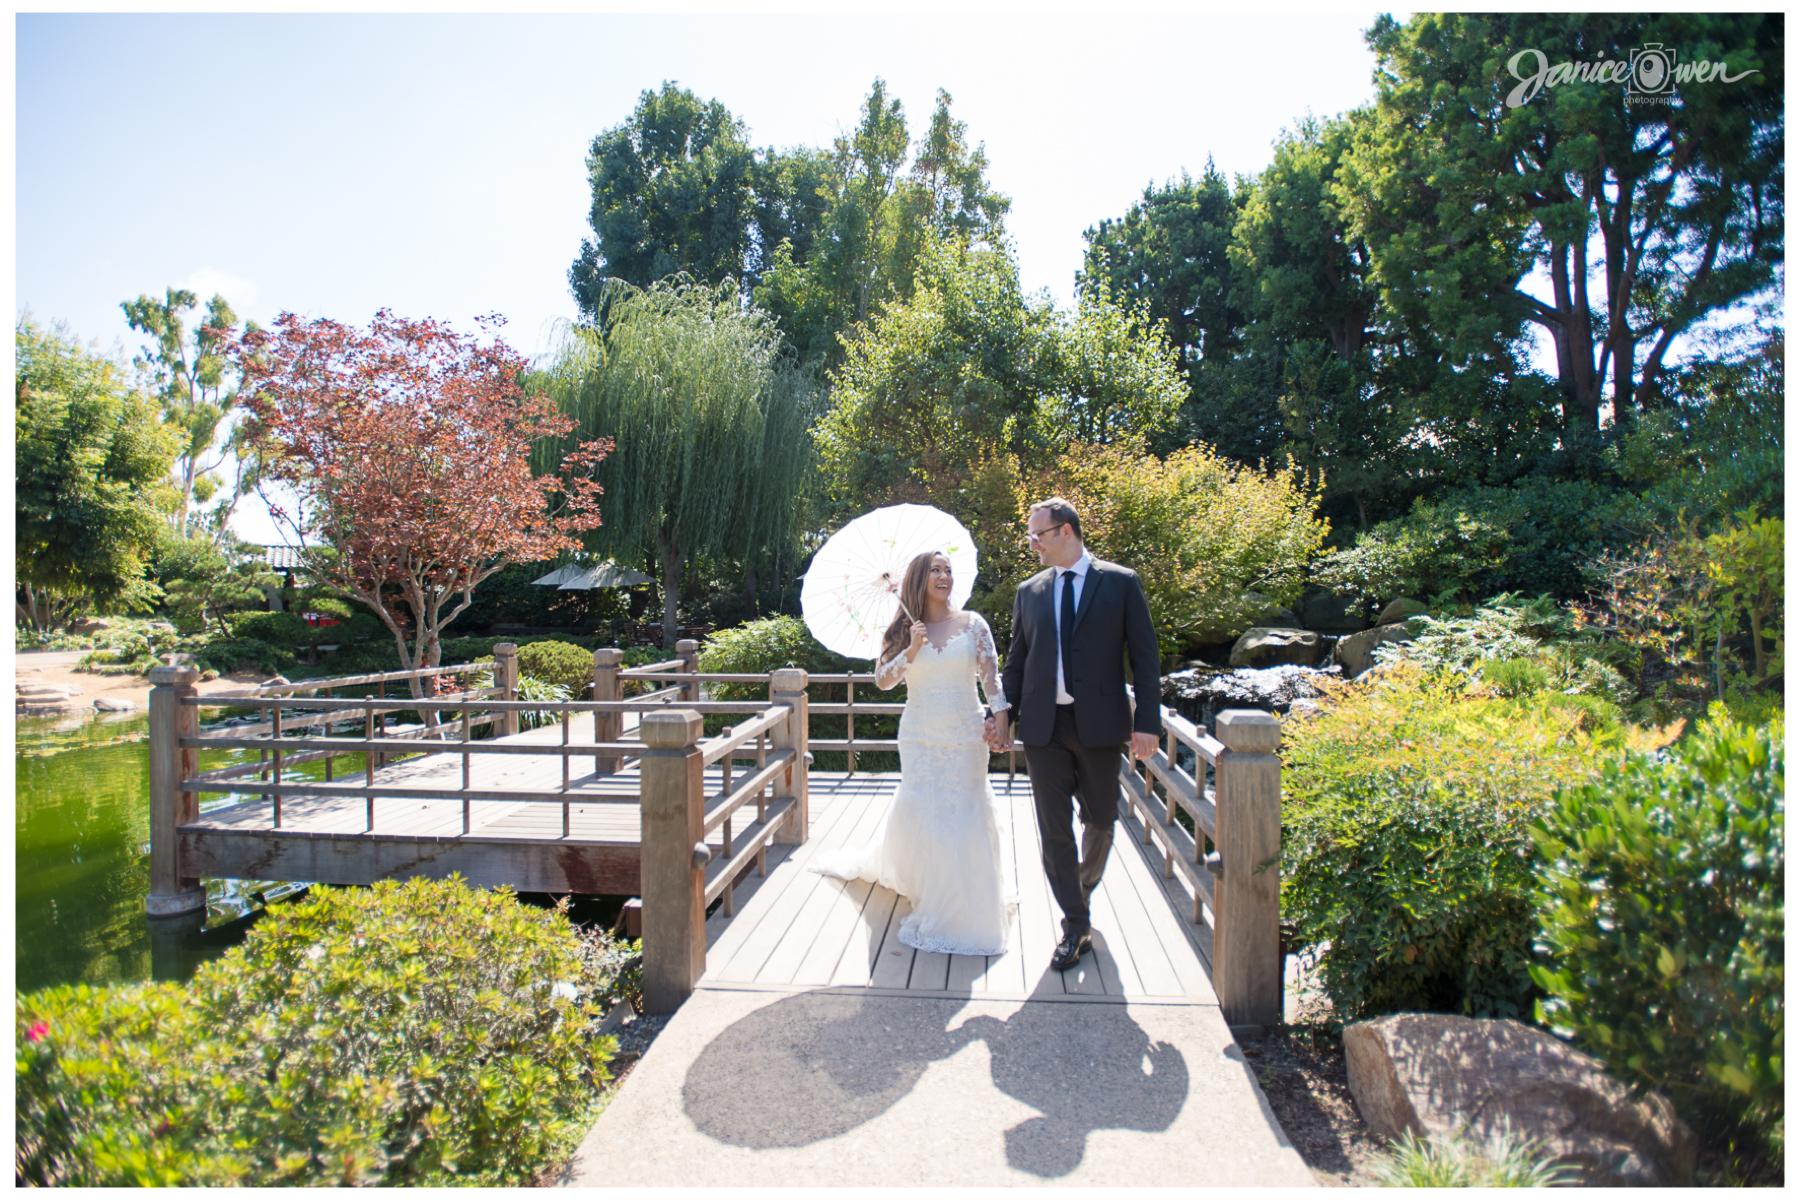 janiceowenphotography_wedding4.jpg